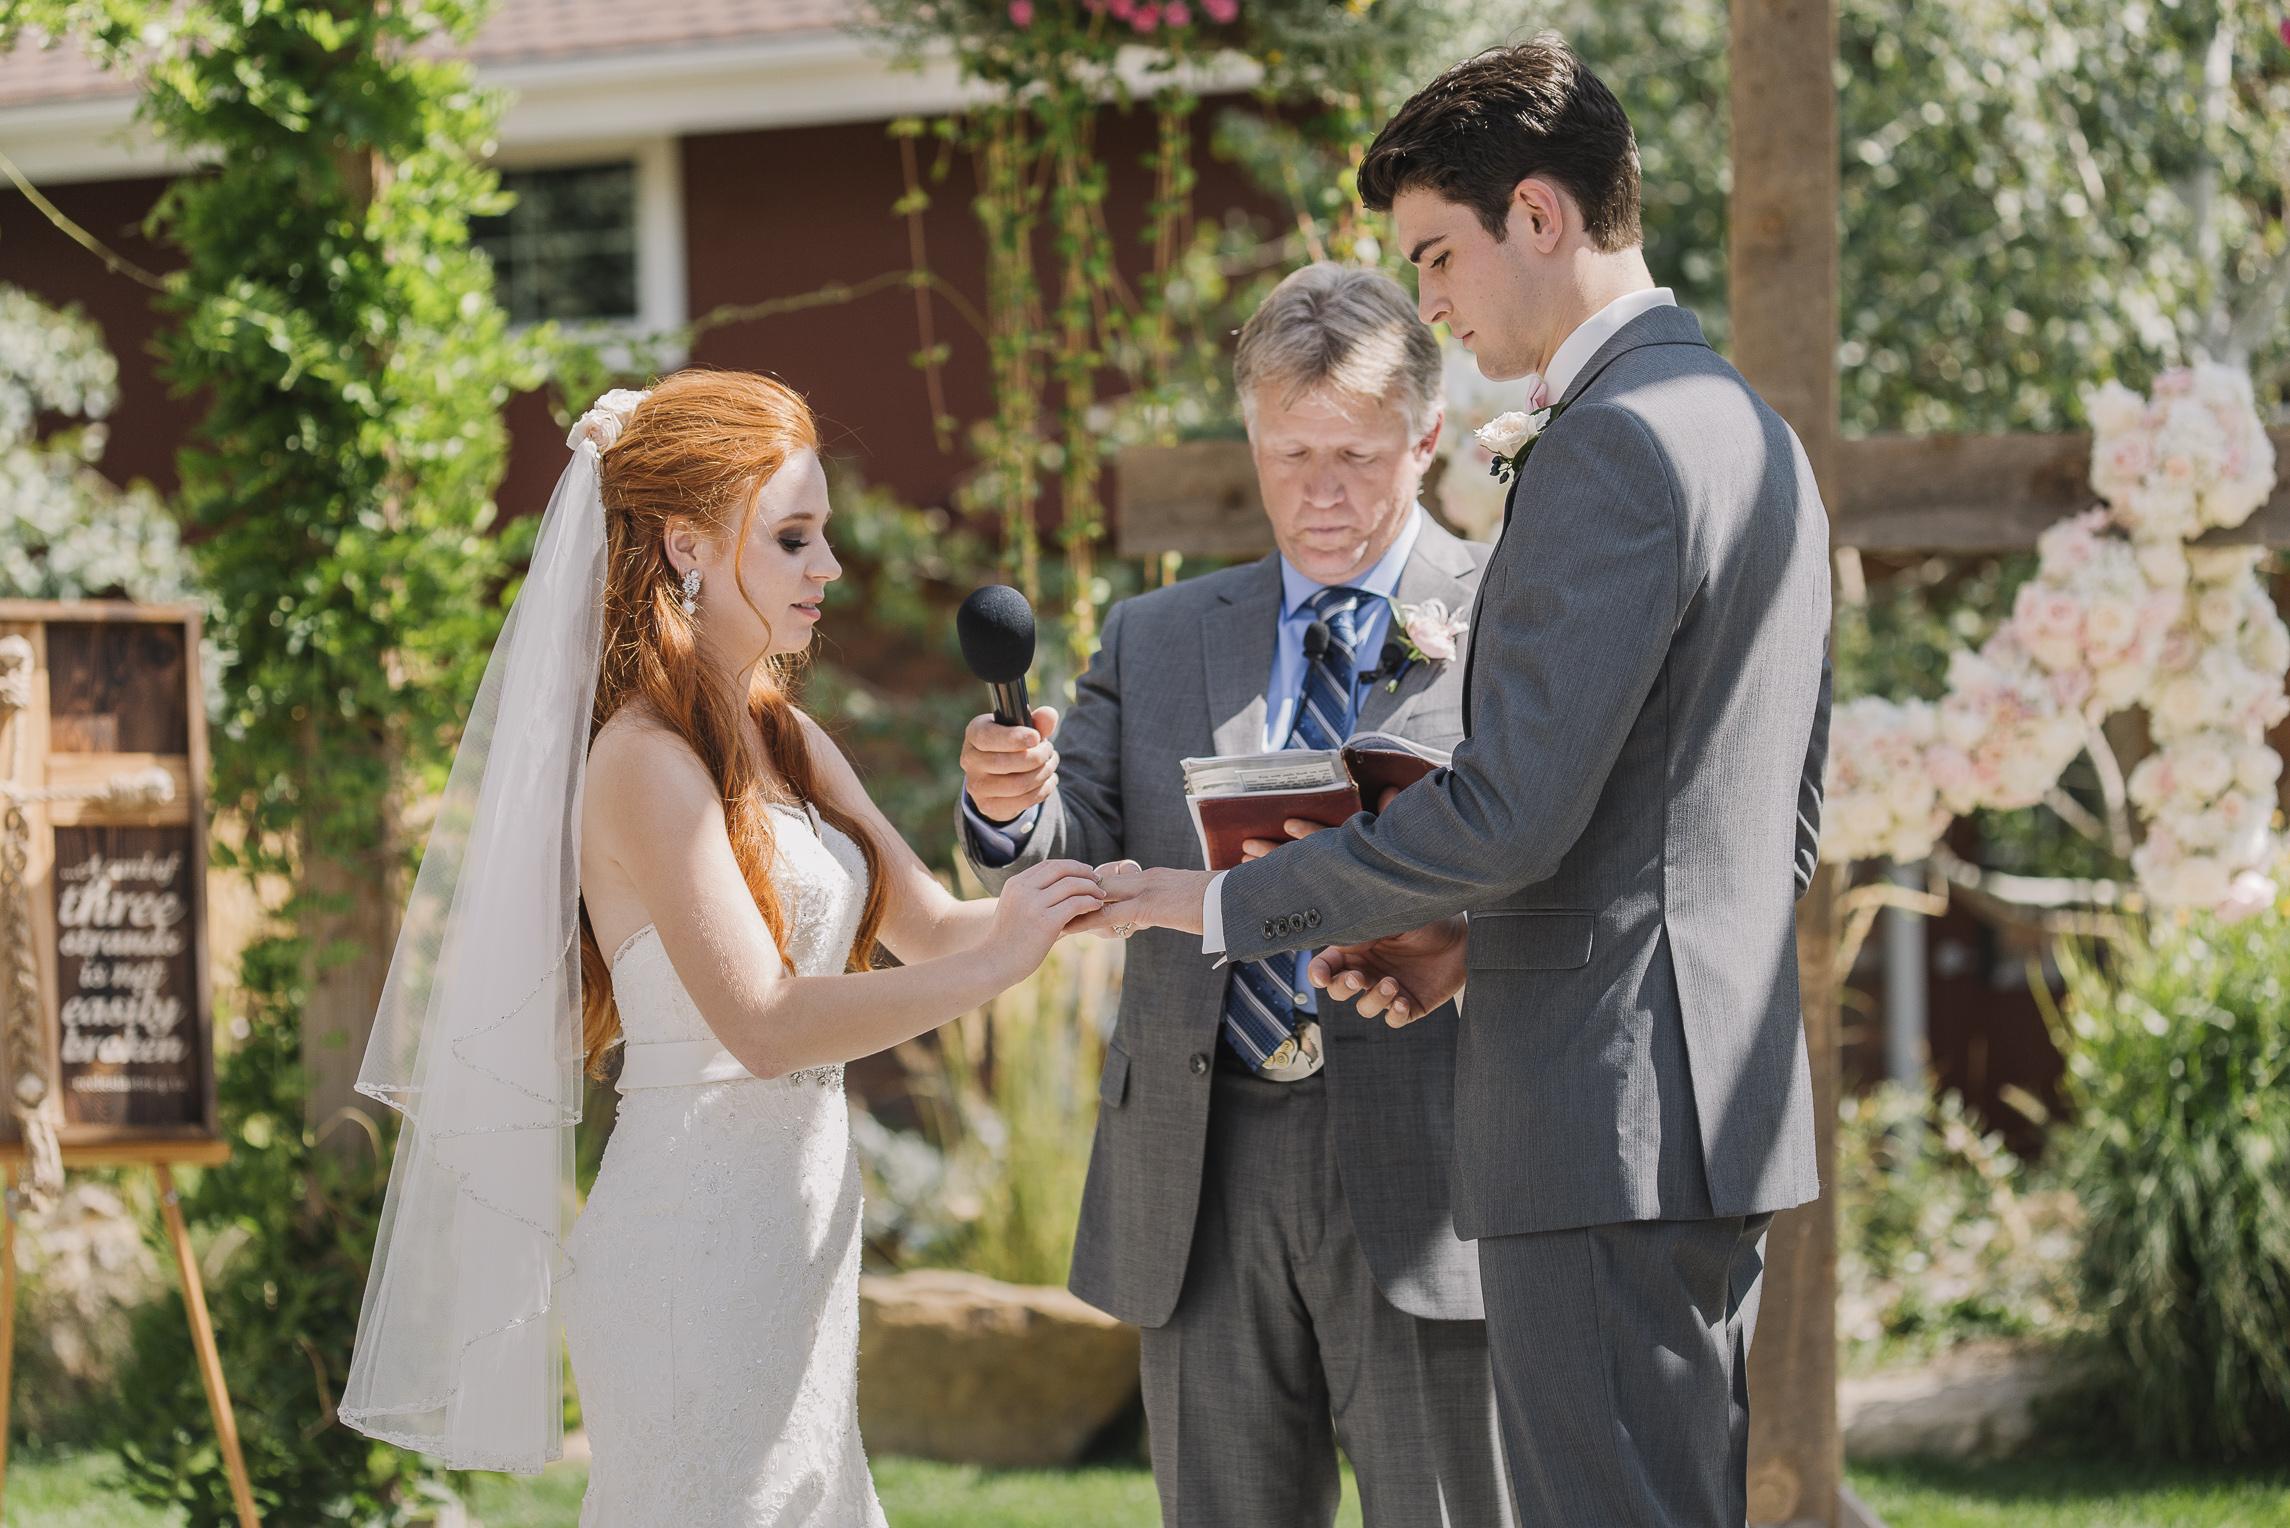 web sized images -- no to print --CALVIN & MCKYLEY WEDDING PHOTOS - COLORADO PHOTOGRAPHER - DEBI RAE PHOTOGRAPHY-996.jpg